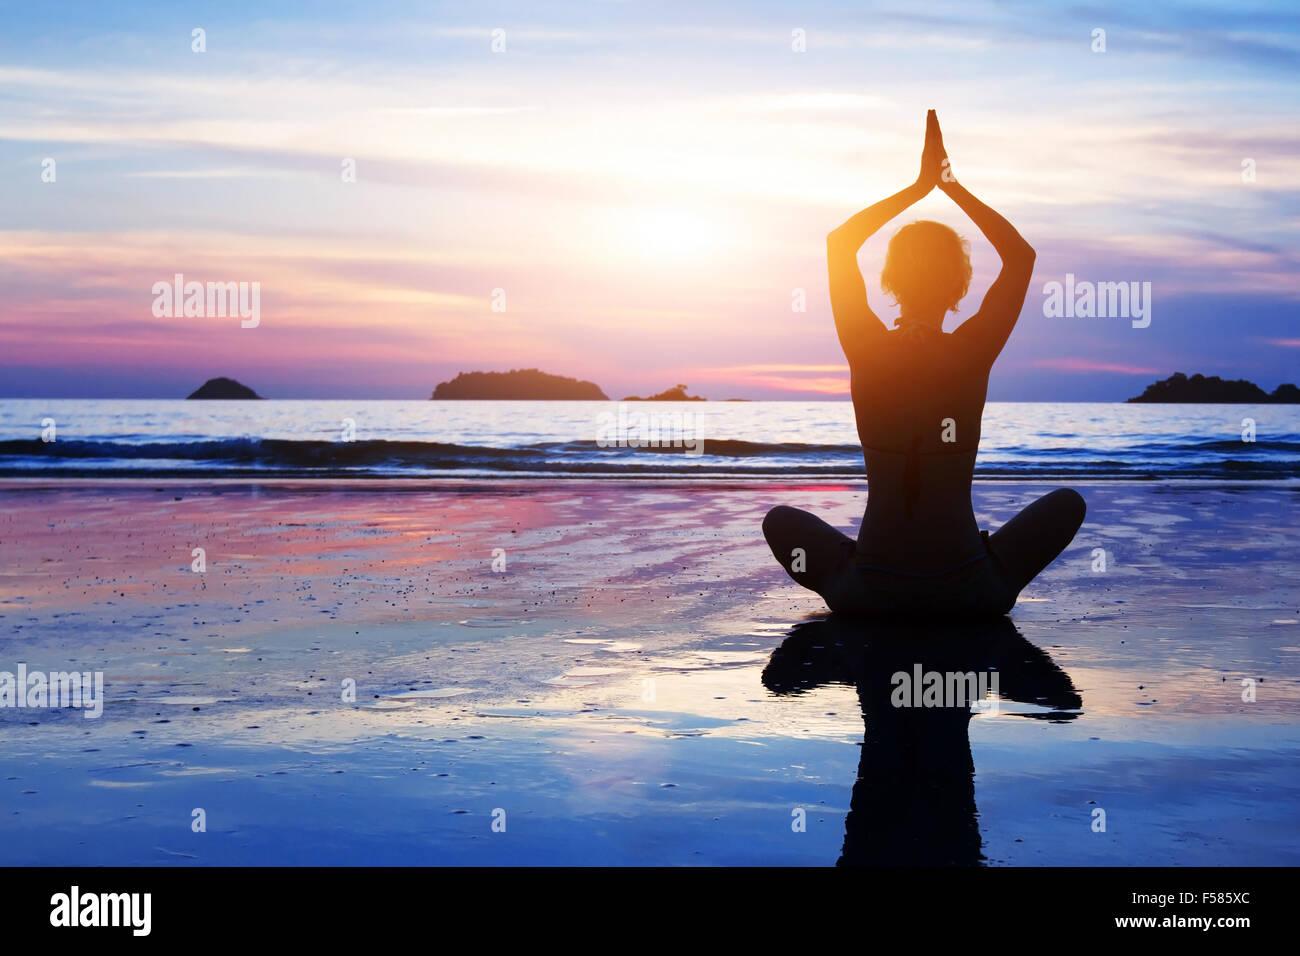 Sfondo di yoga, abstract silhouette di donna meditando sulla spiaggia Immagini Stock